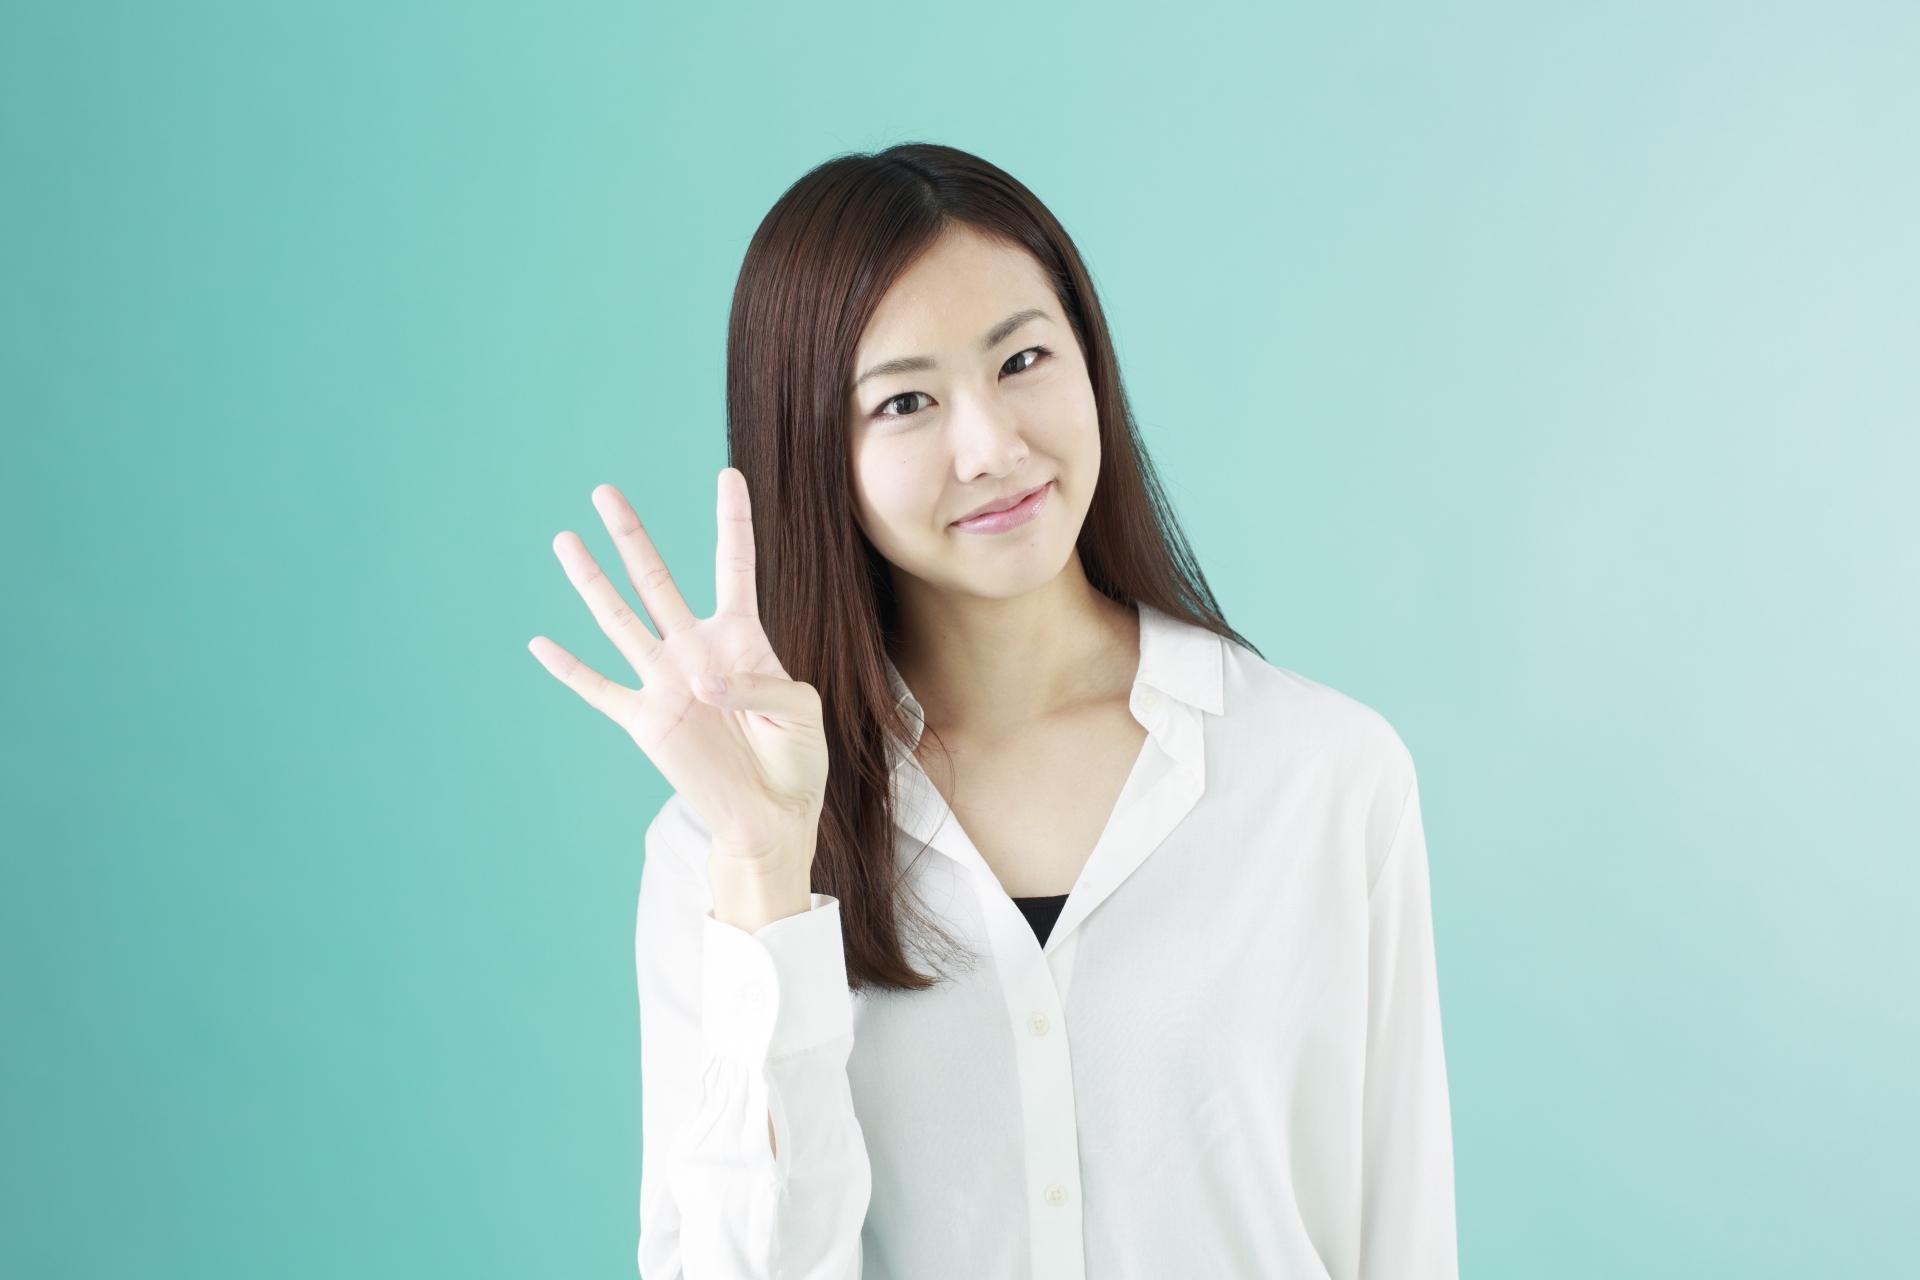 指で4を示す女性